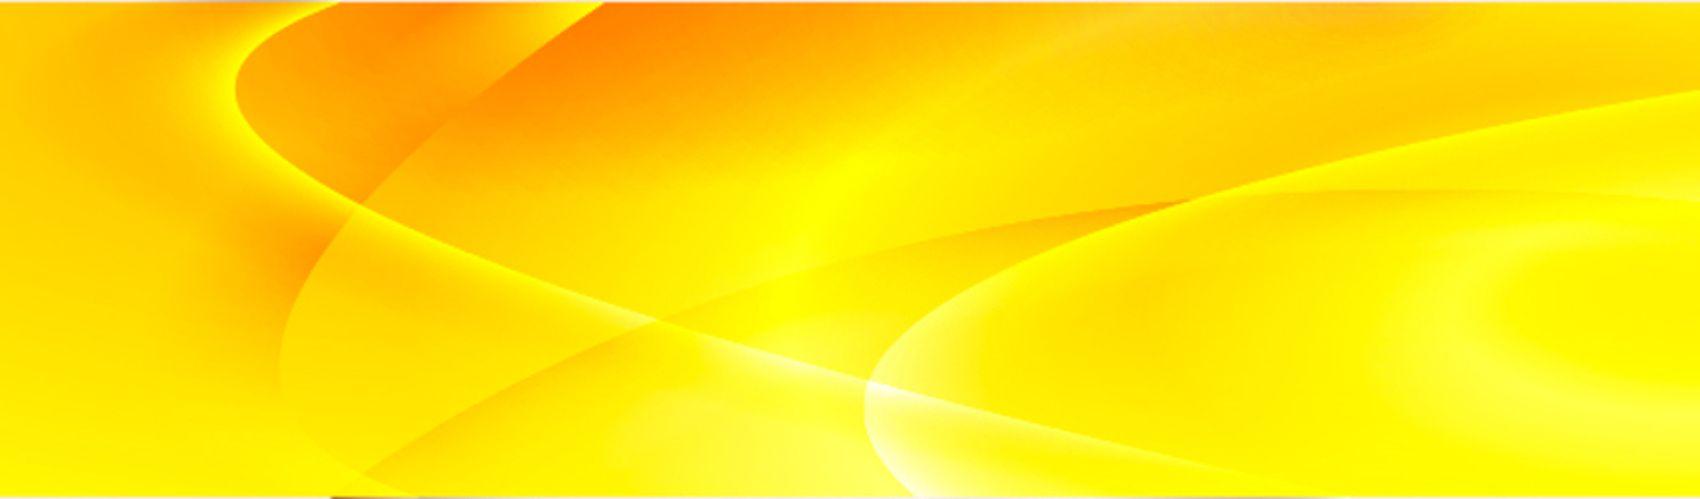 Абстракция желтый фон